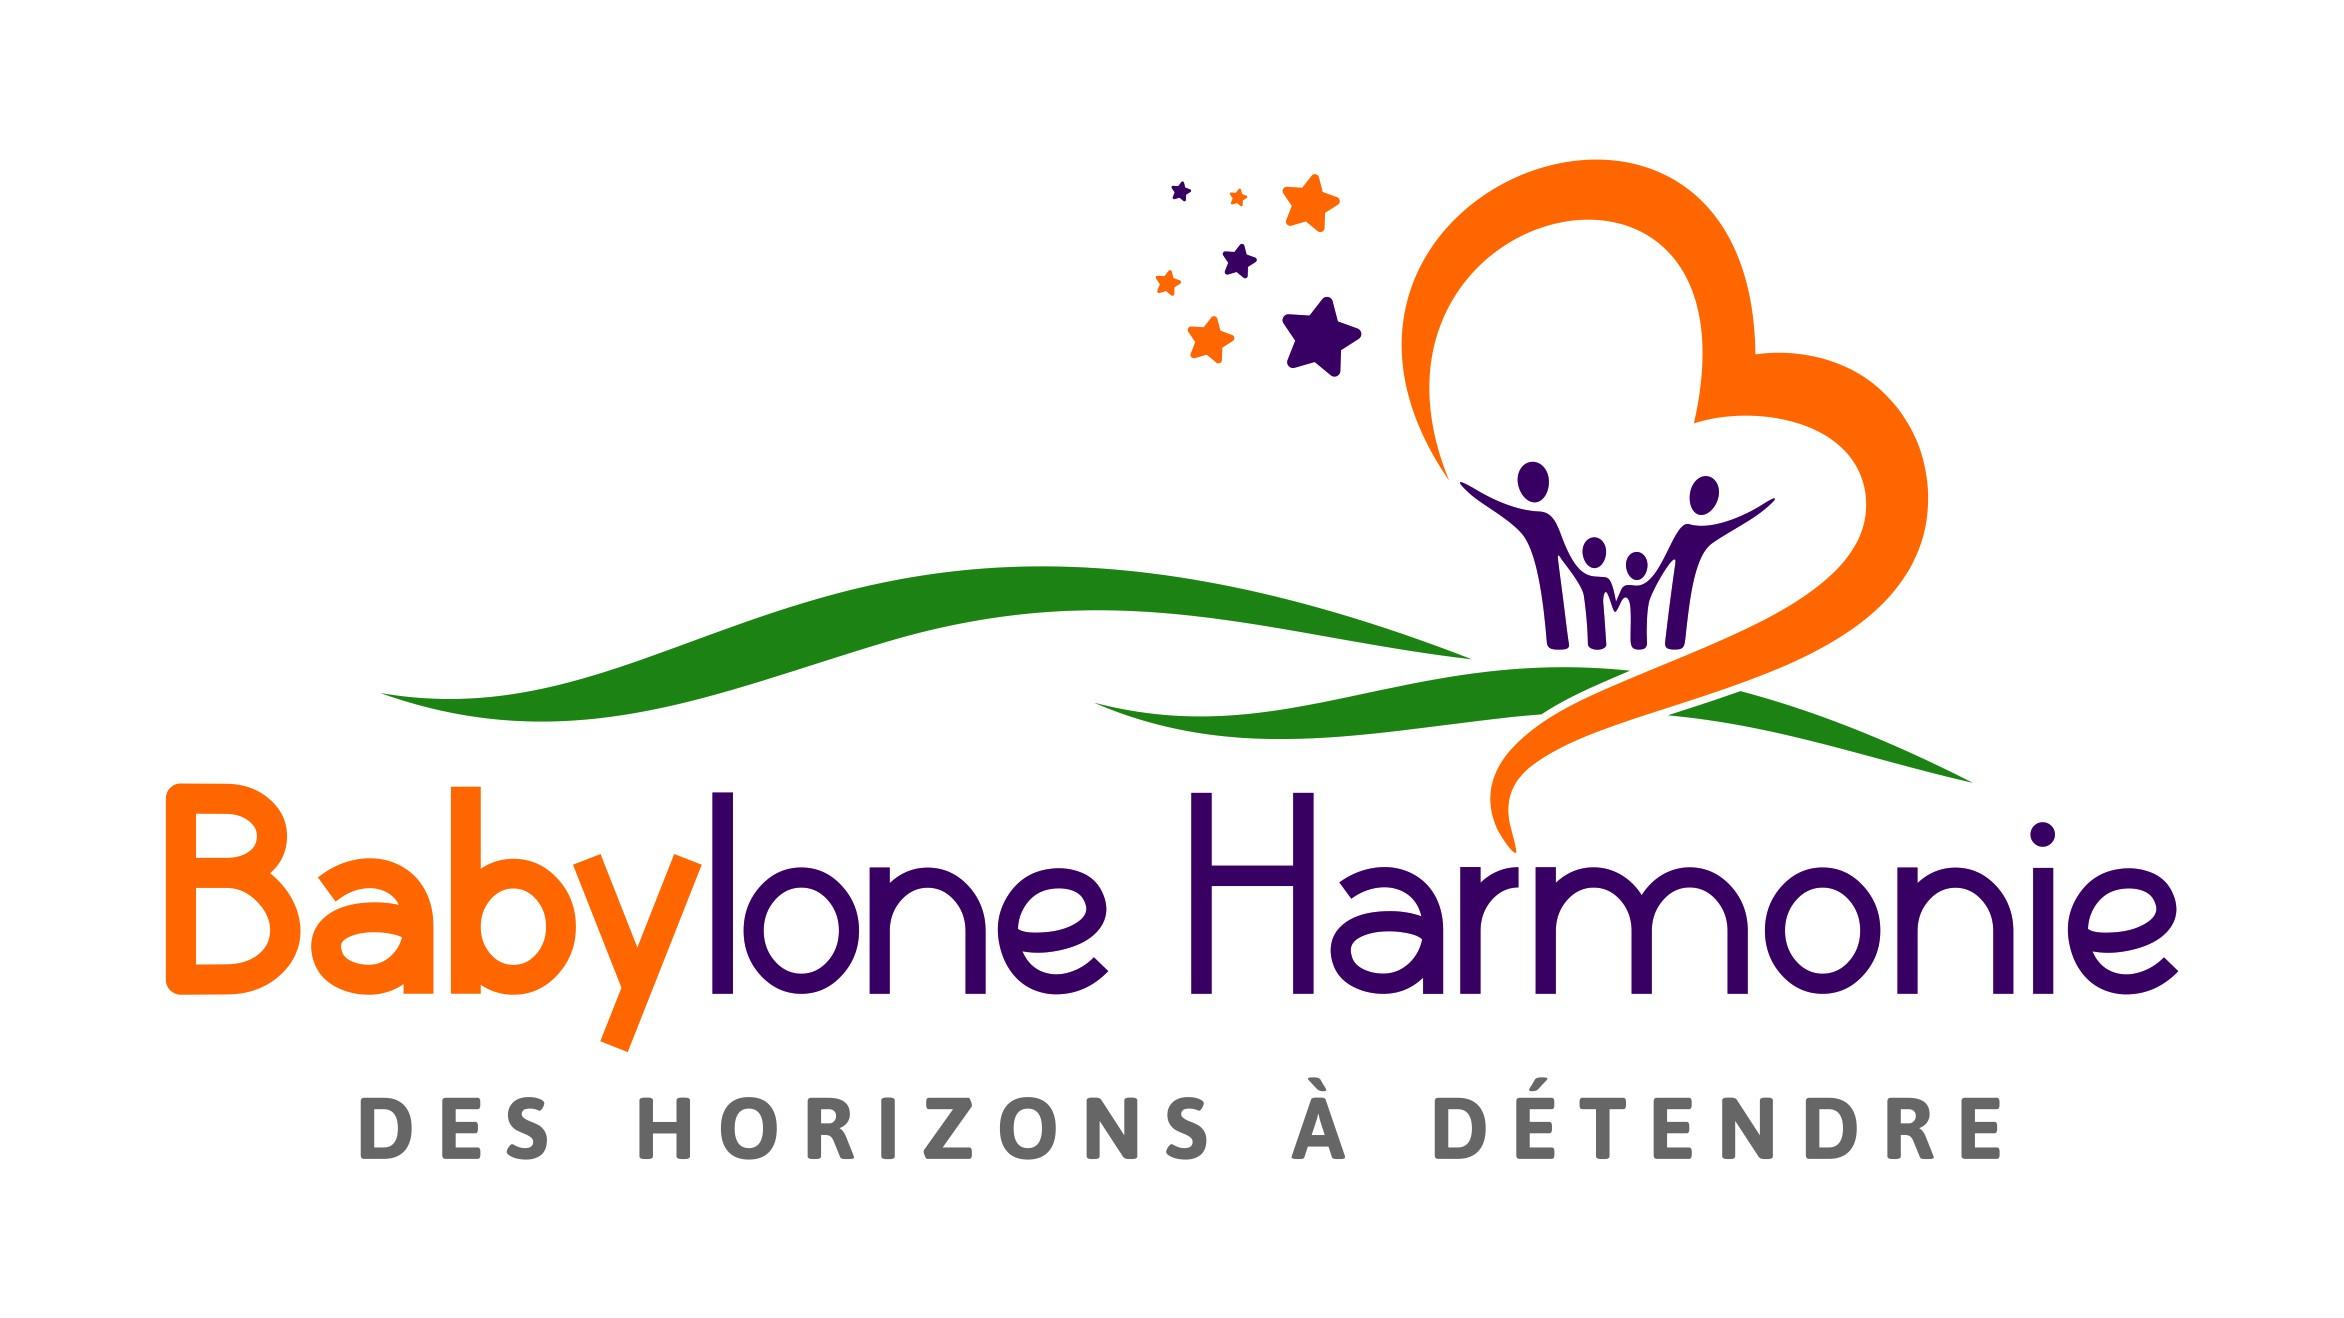 BABYLONE HARMONIE